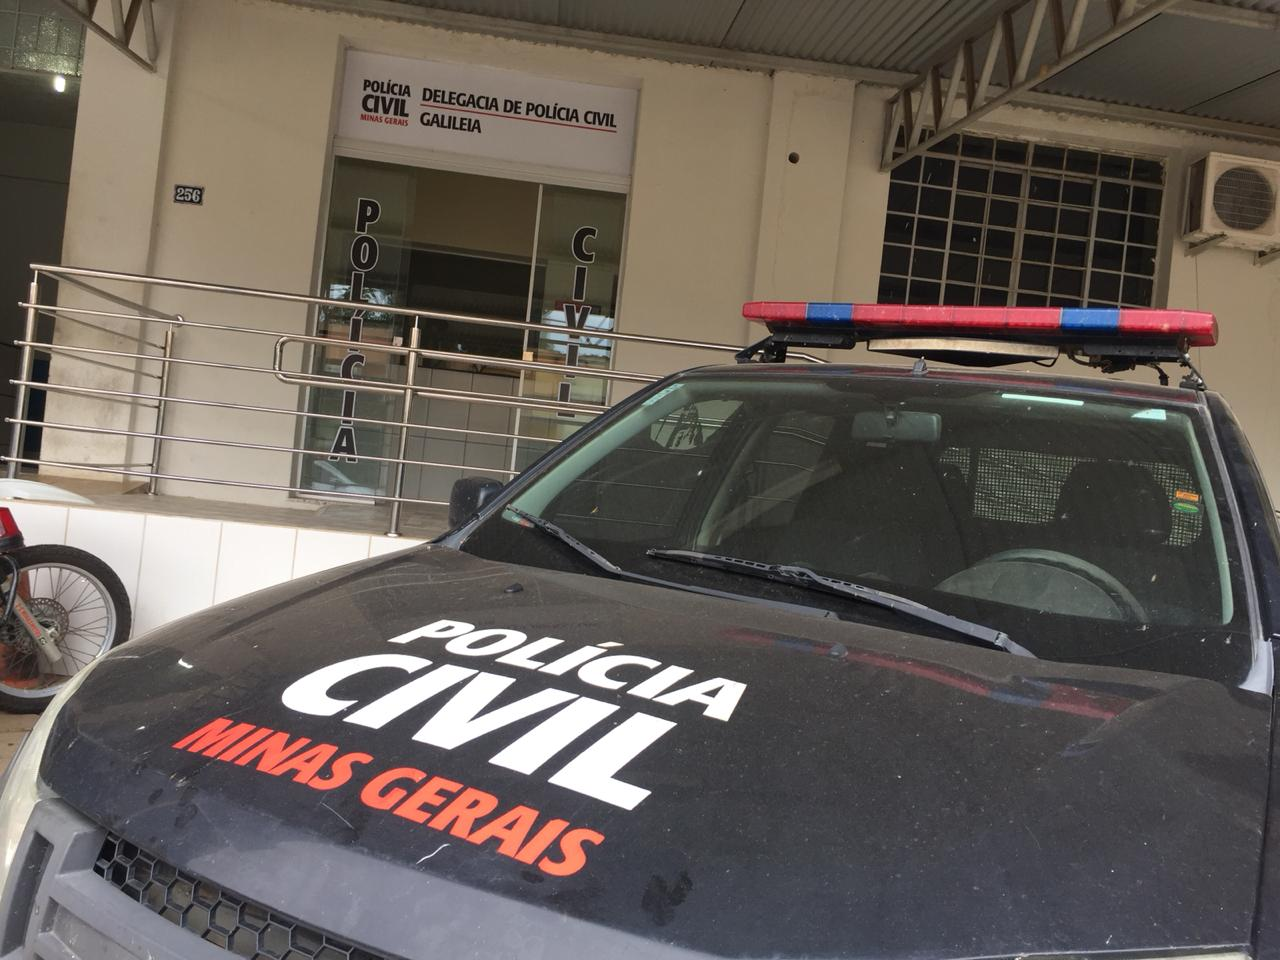 """POLÍCIA CIVIL EM GALILÉIA DEFLAGRA 2ª FASE DA """"OPERAÇÃO SENTINELA"""" E PRENDE SUSPEITOS DE ASSASSINATO DE RAPAZ DE 16 ANOS"""